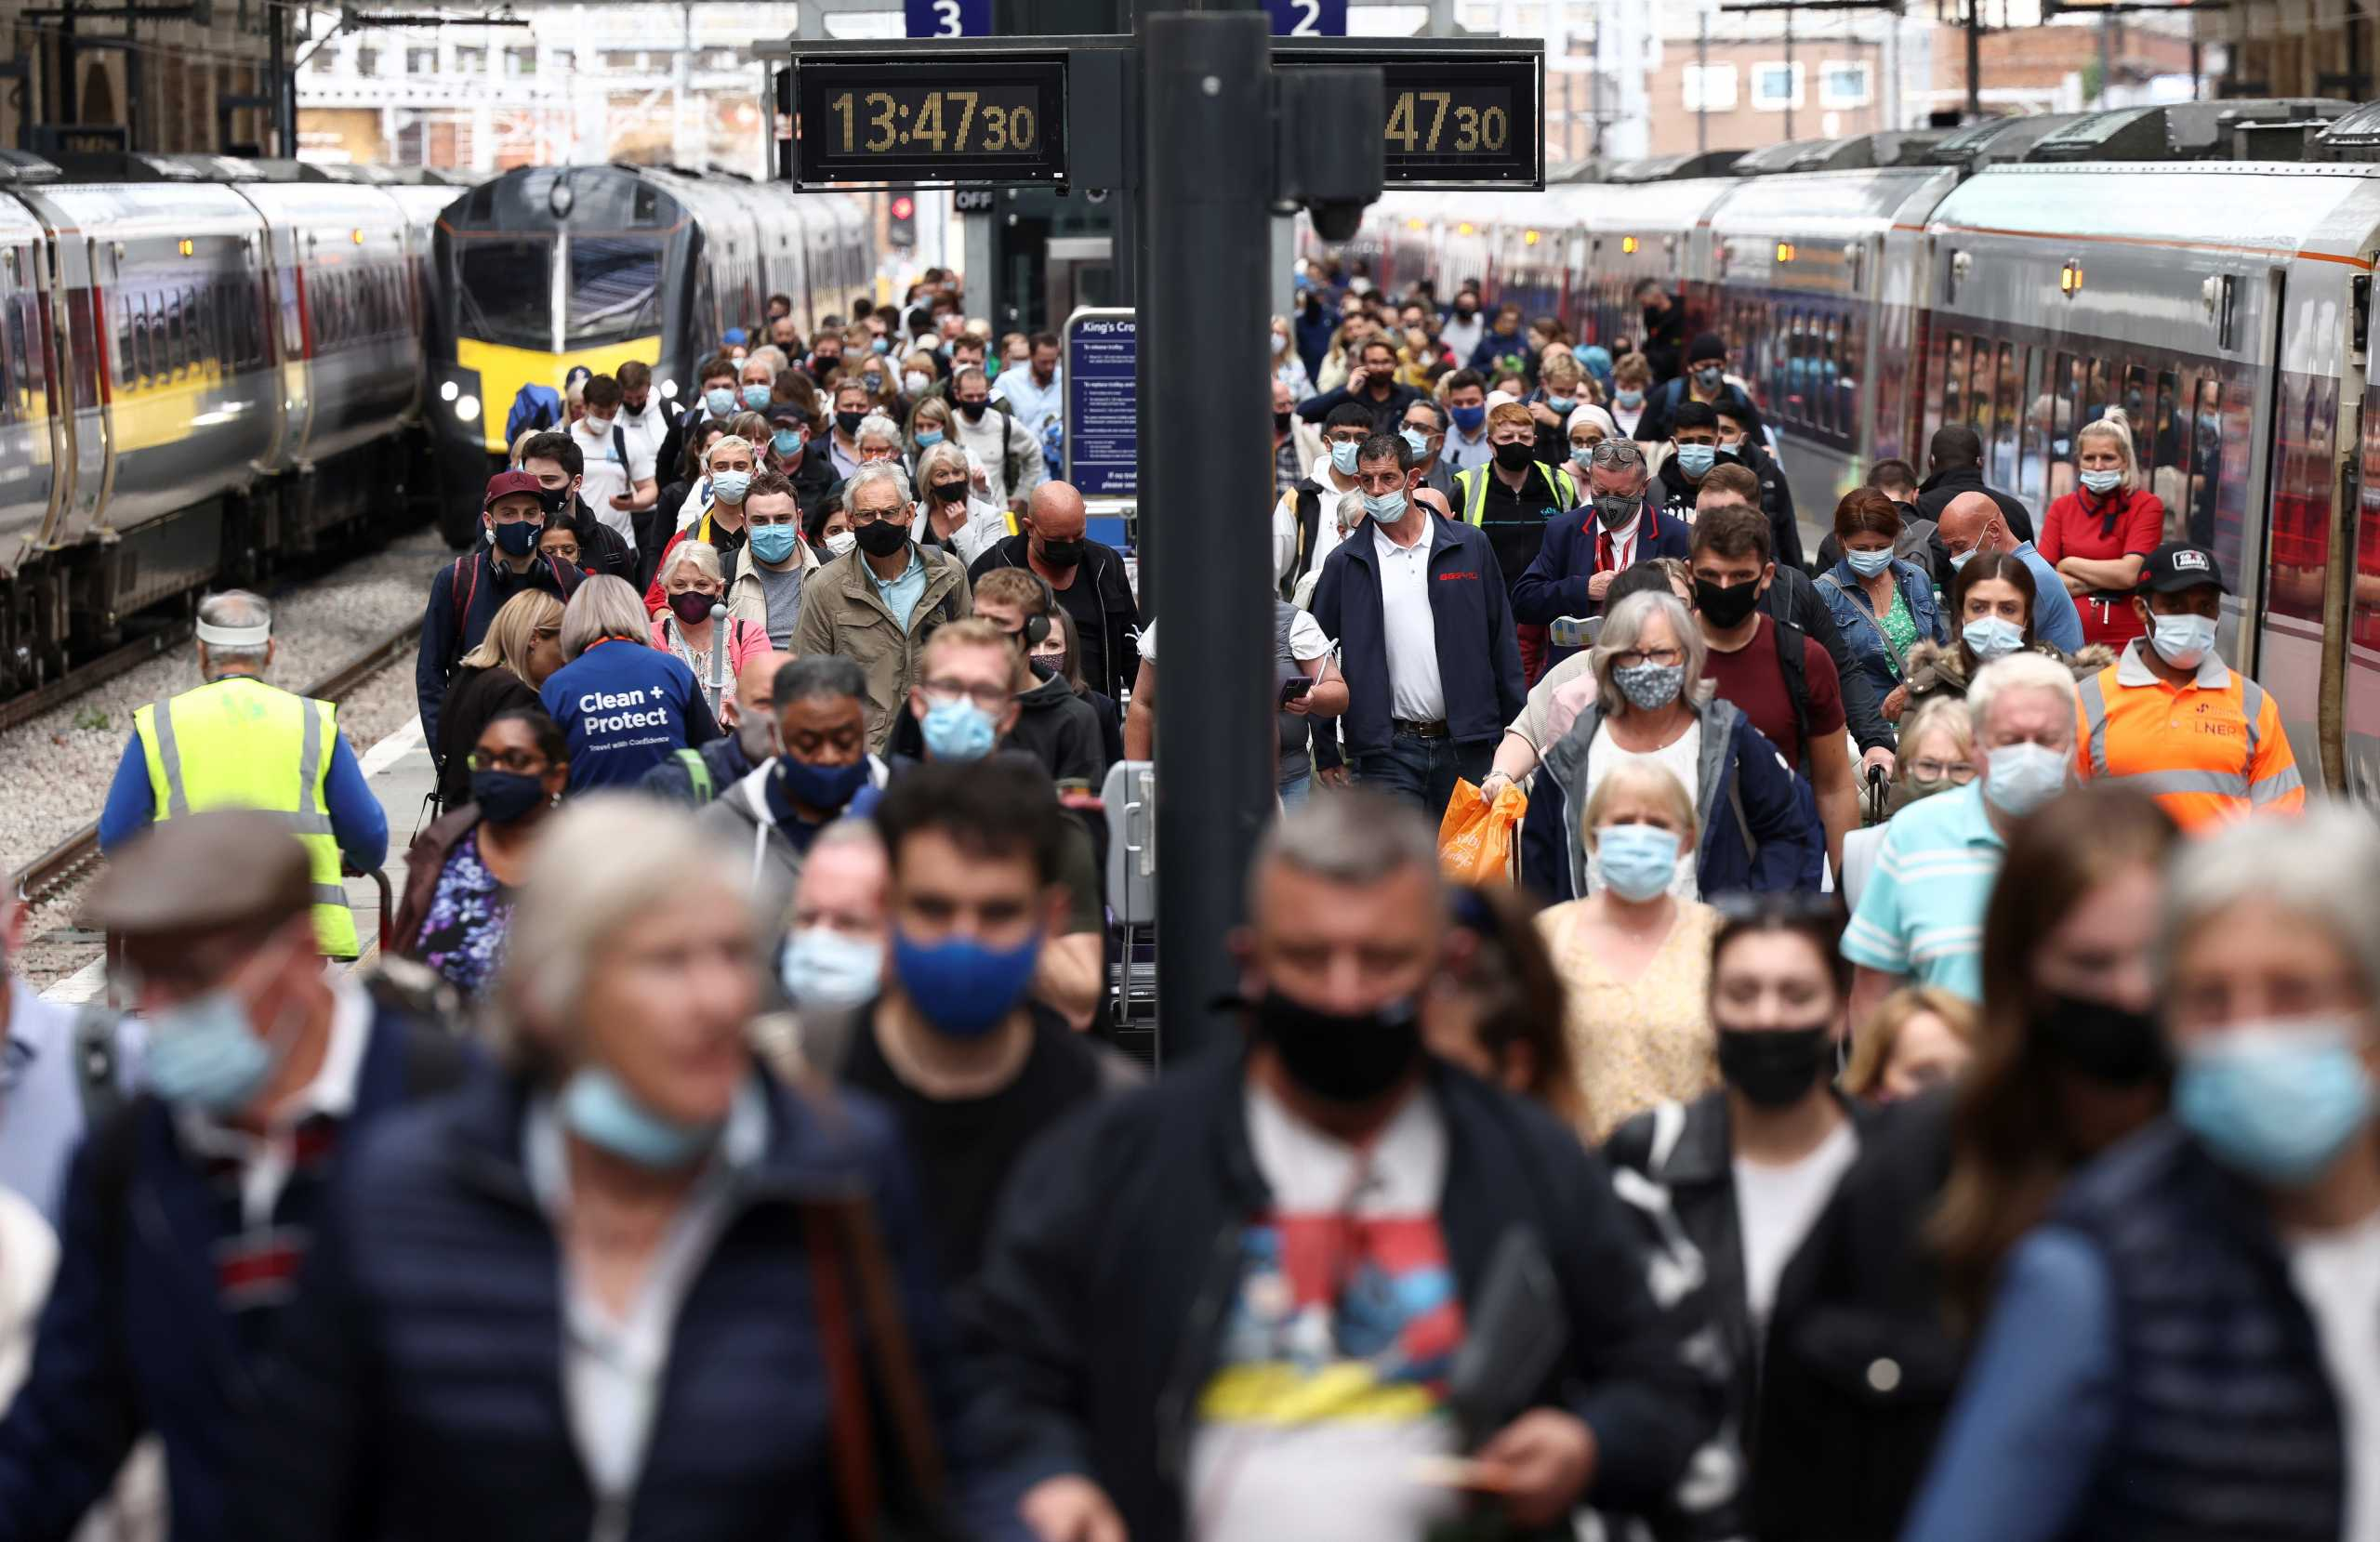 Βρετανία: 63 νεκροί και πάνω από 48.000 νέα κρούσματα